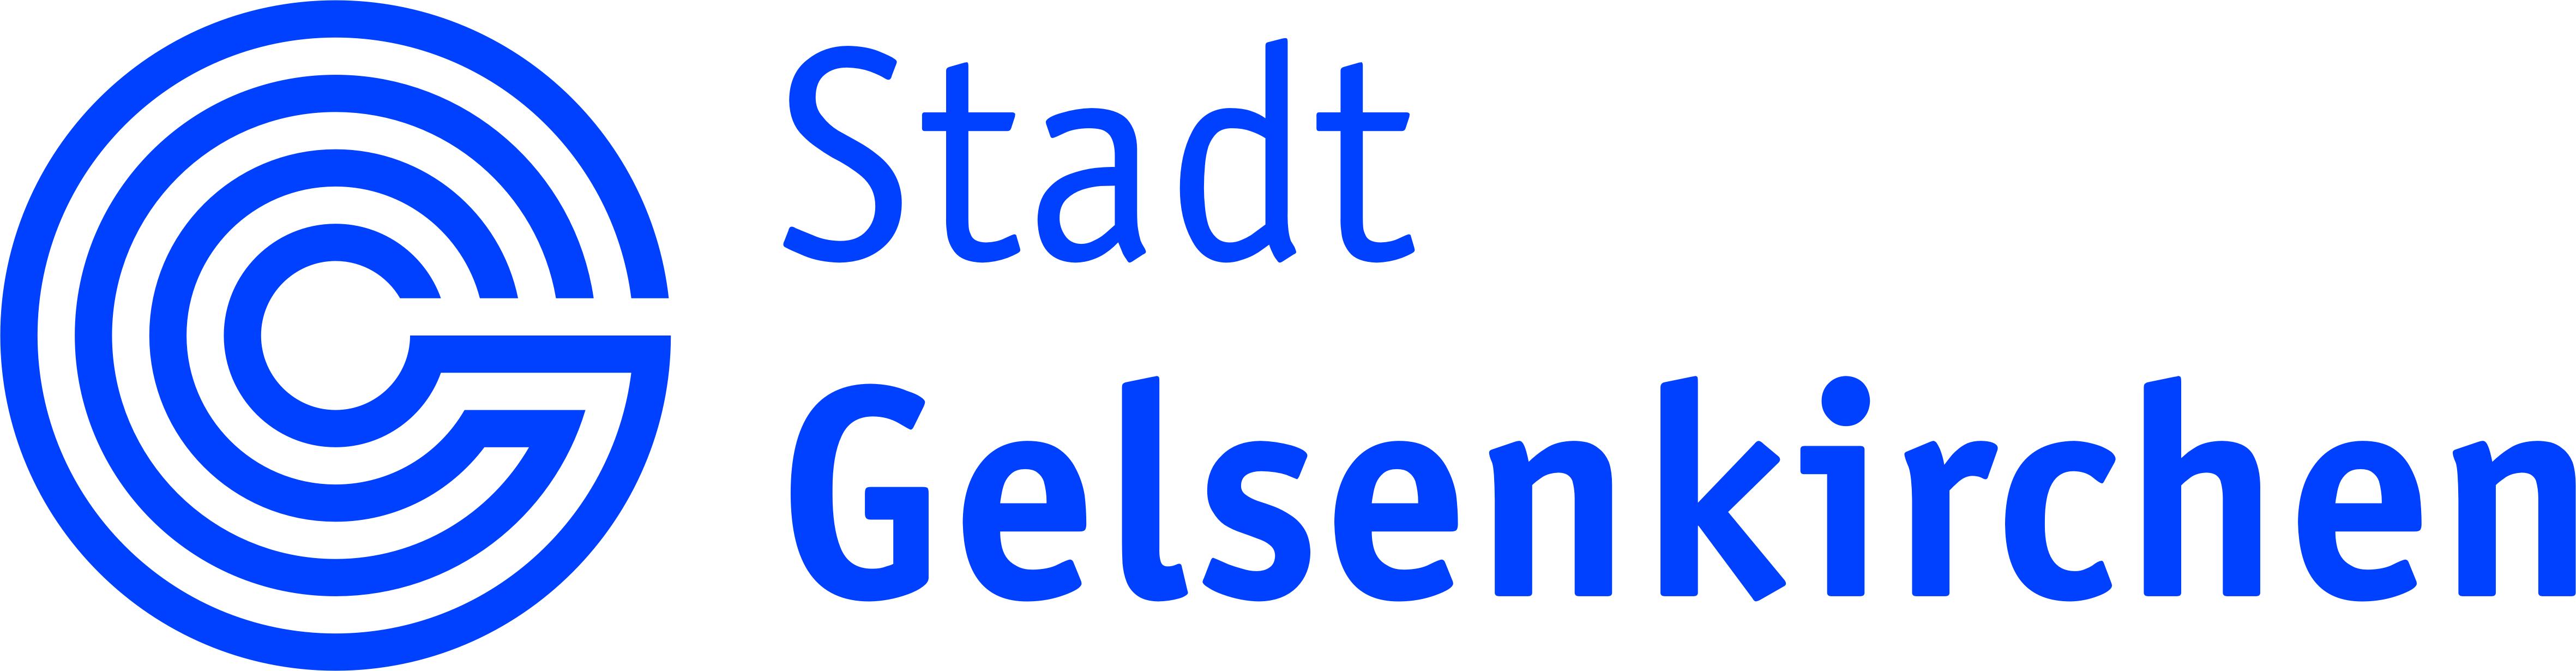 Stadt Gelsenkirchen